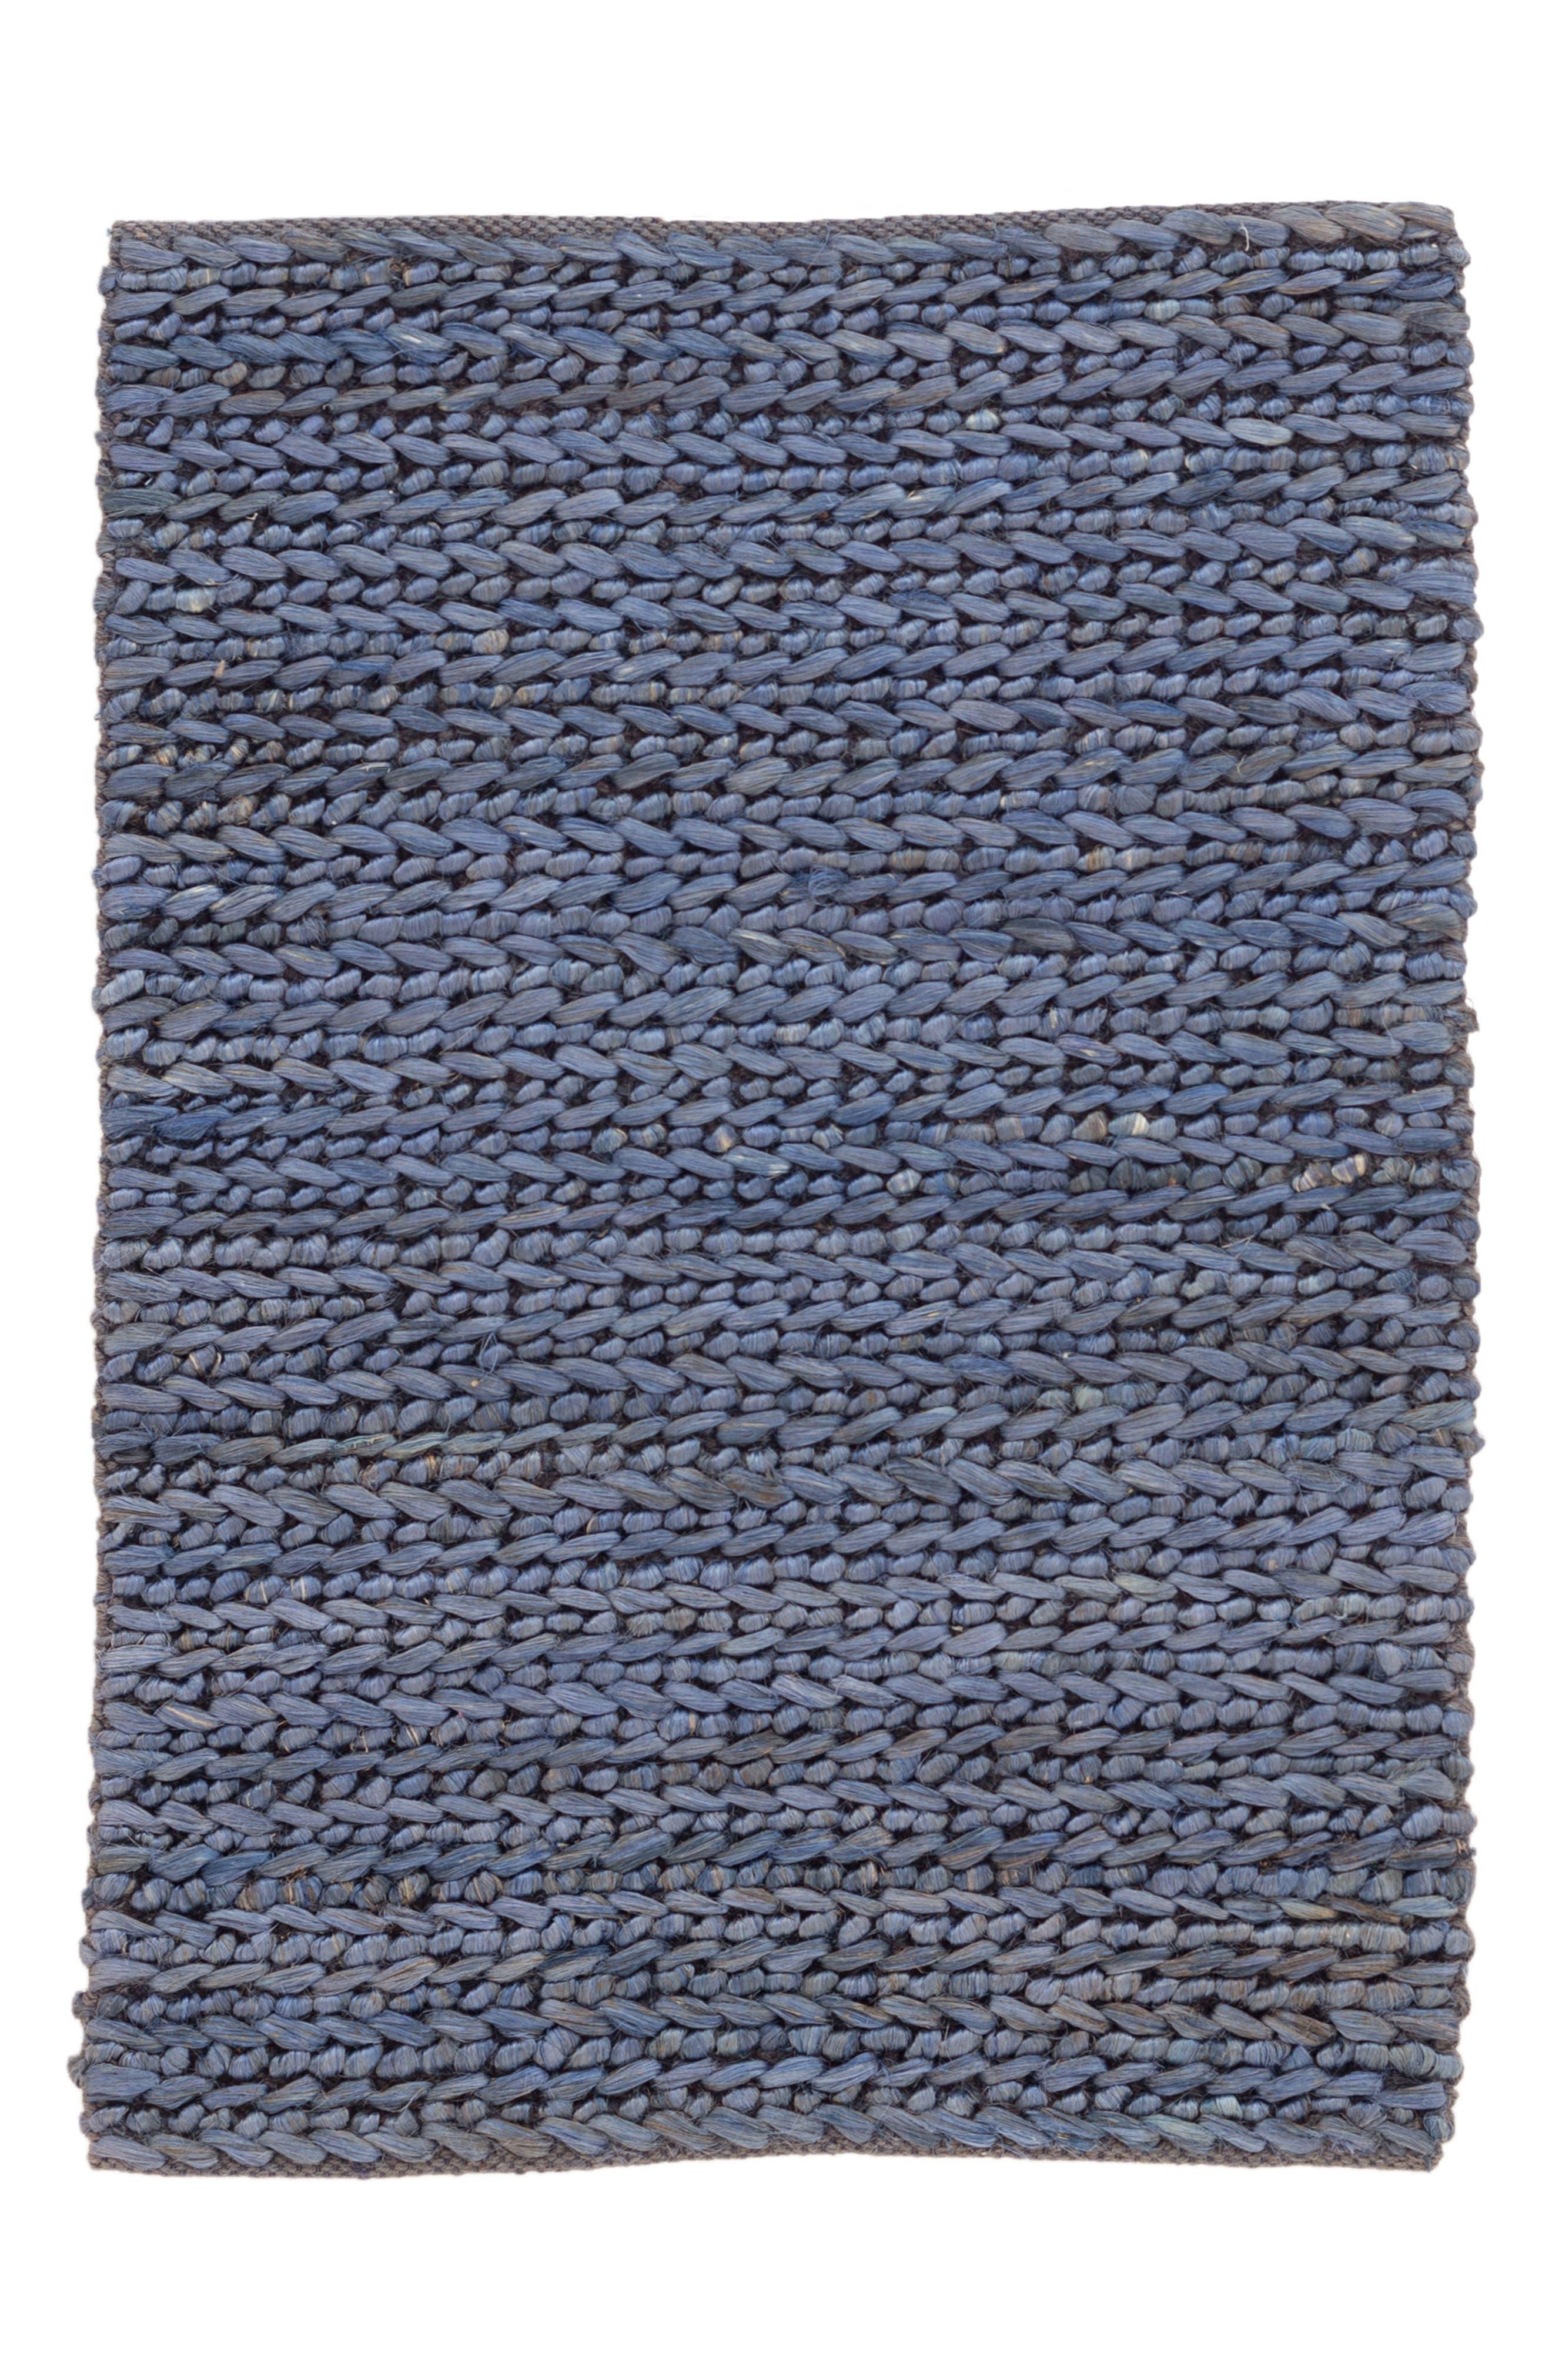 Woven Jute Rug,                             Main thumbnail 1, color,                             BLUE